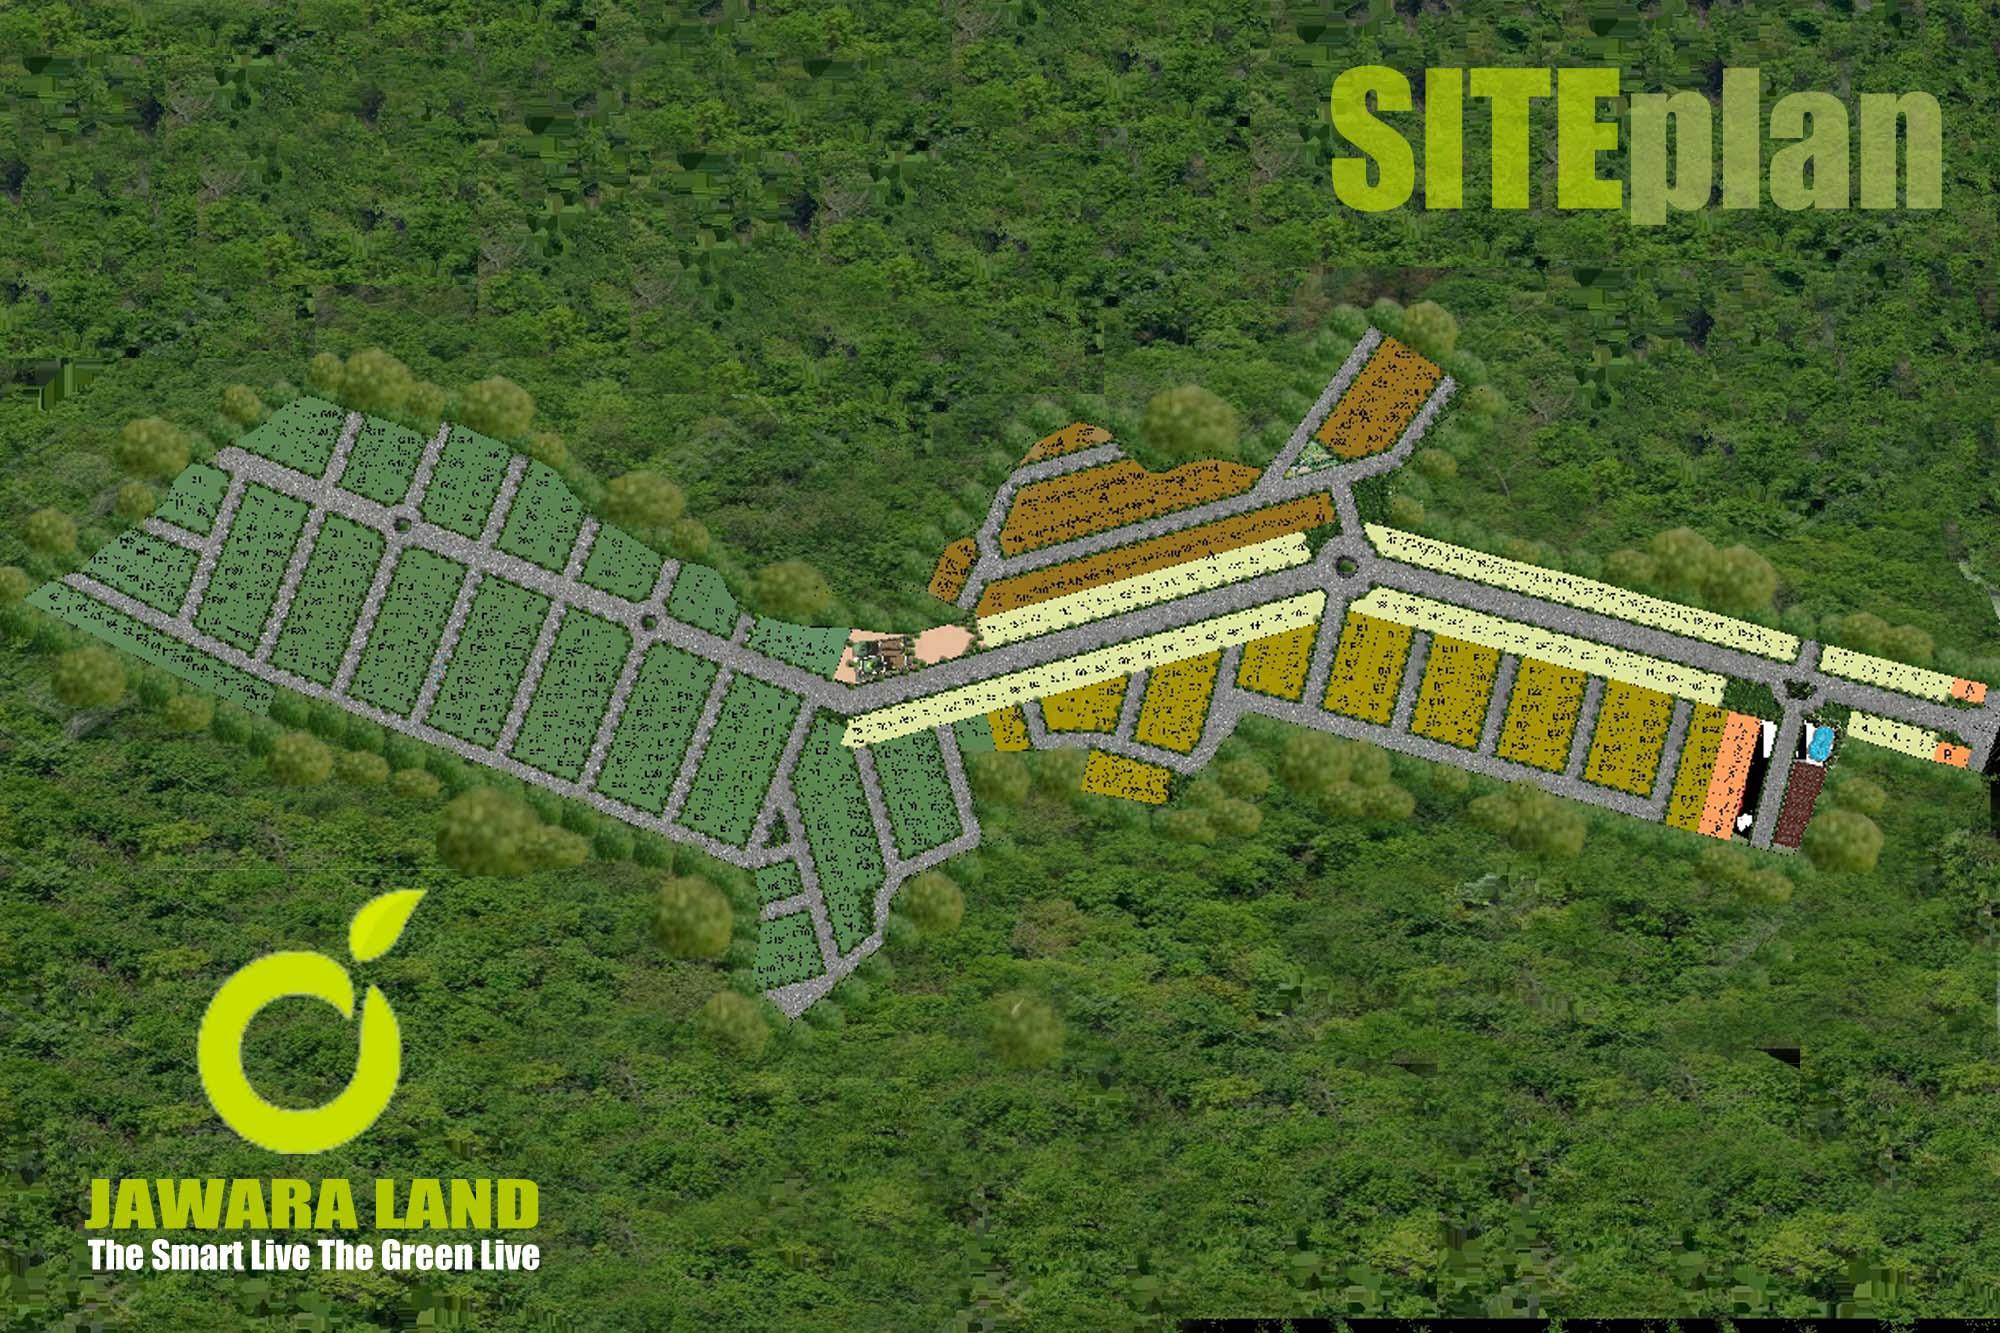 Jawara Land Siteplan